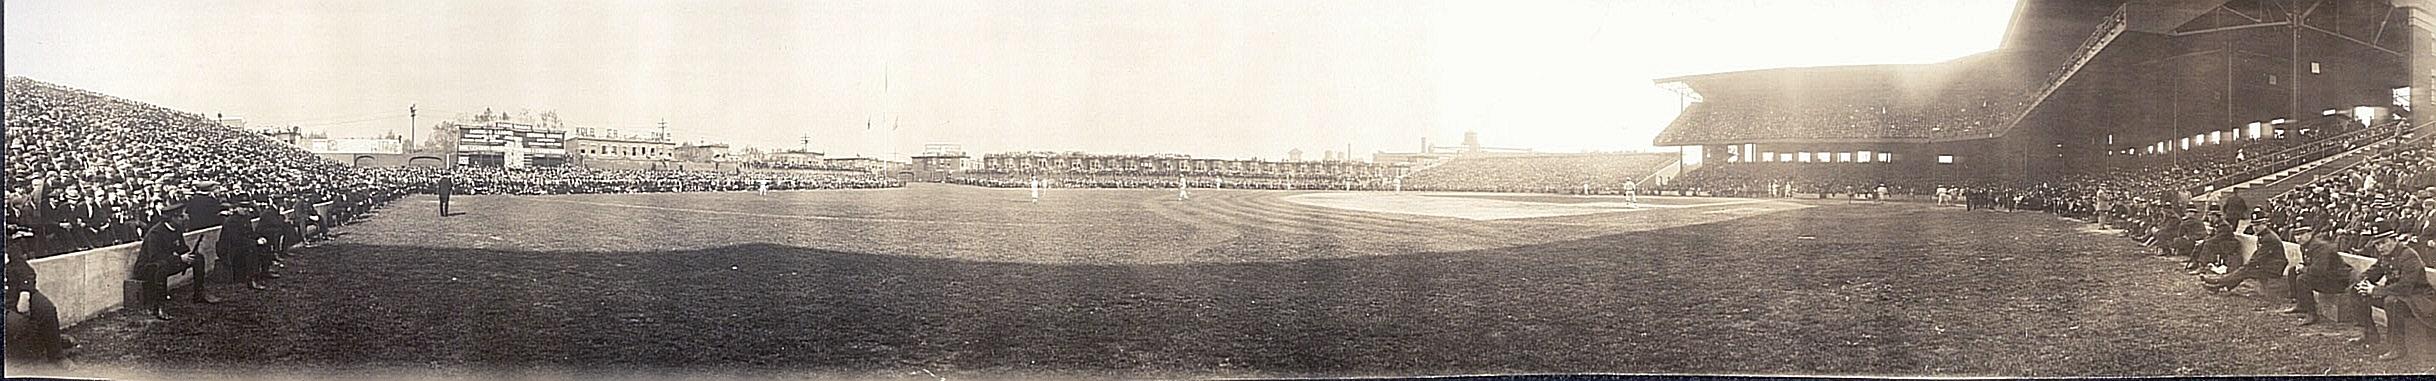 Schibe Park, Philadelphia Athletics